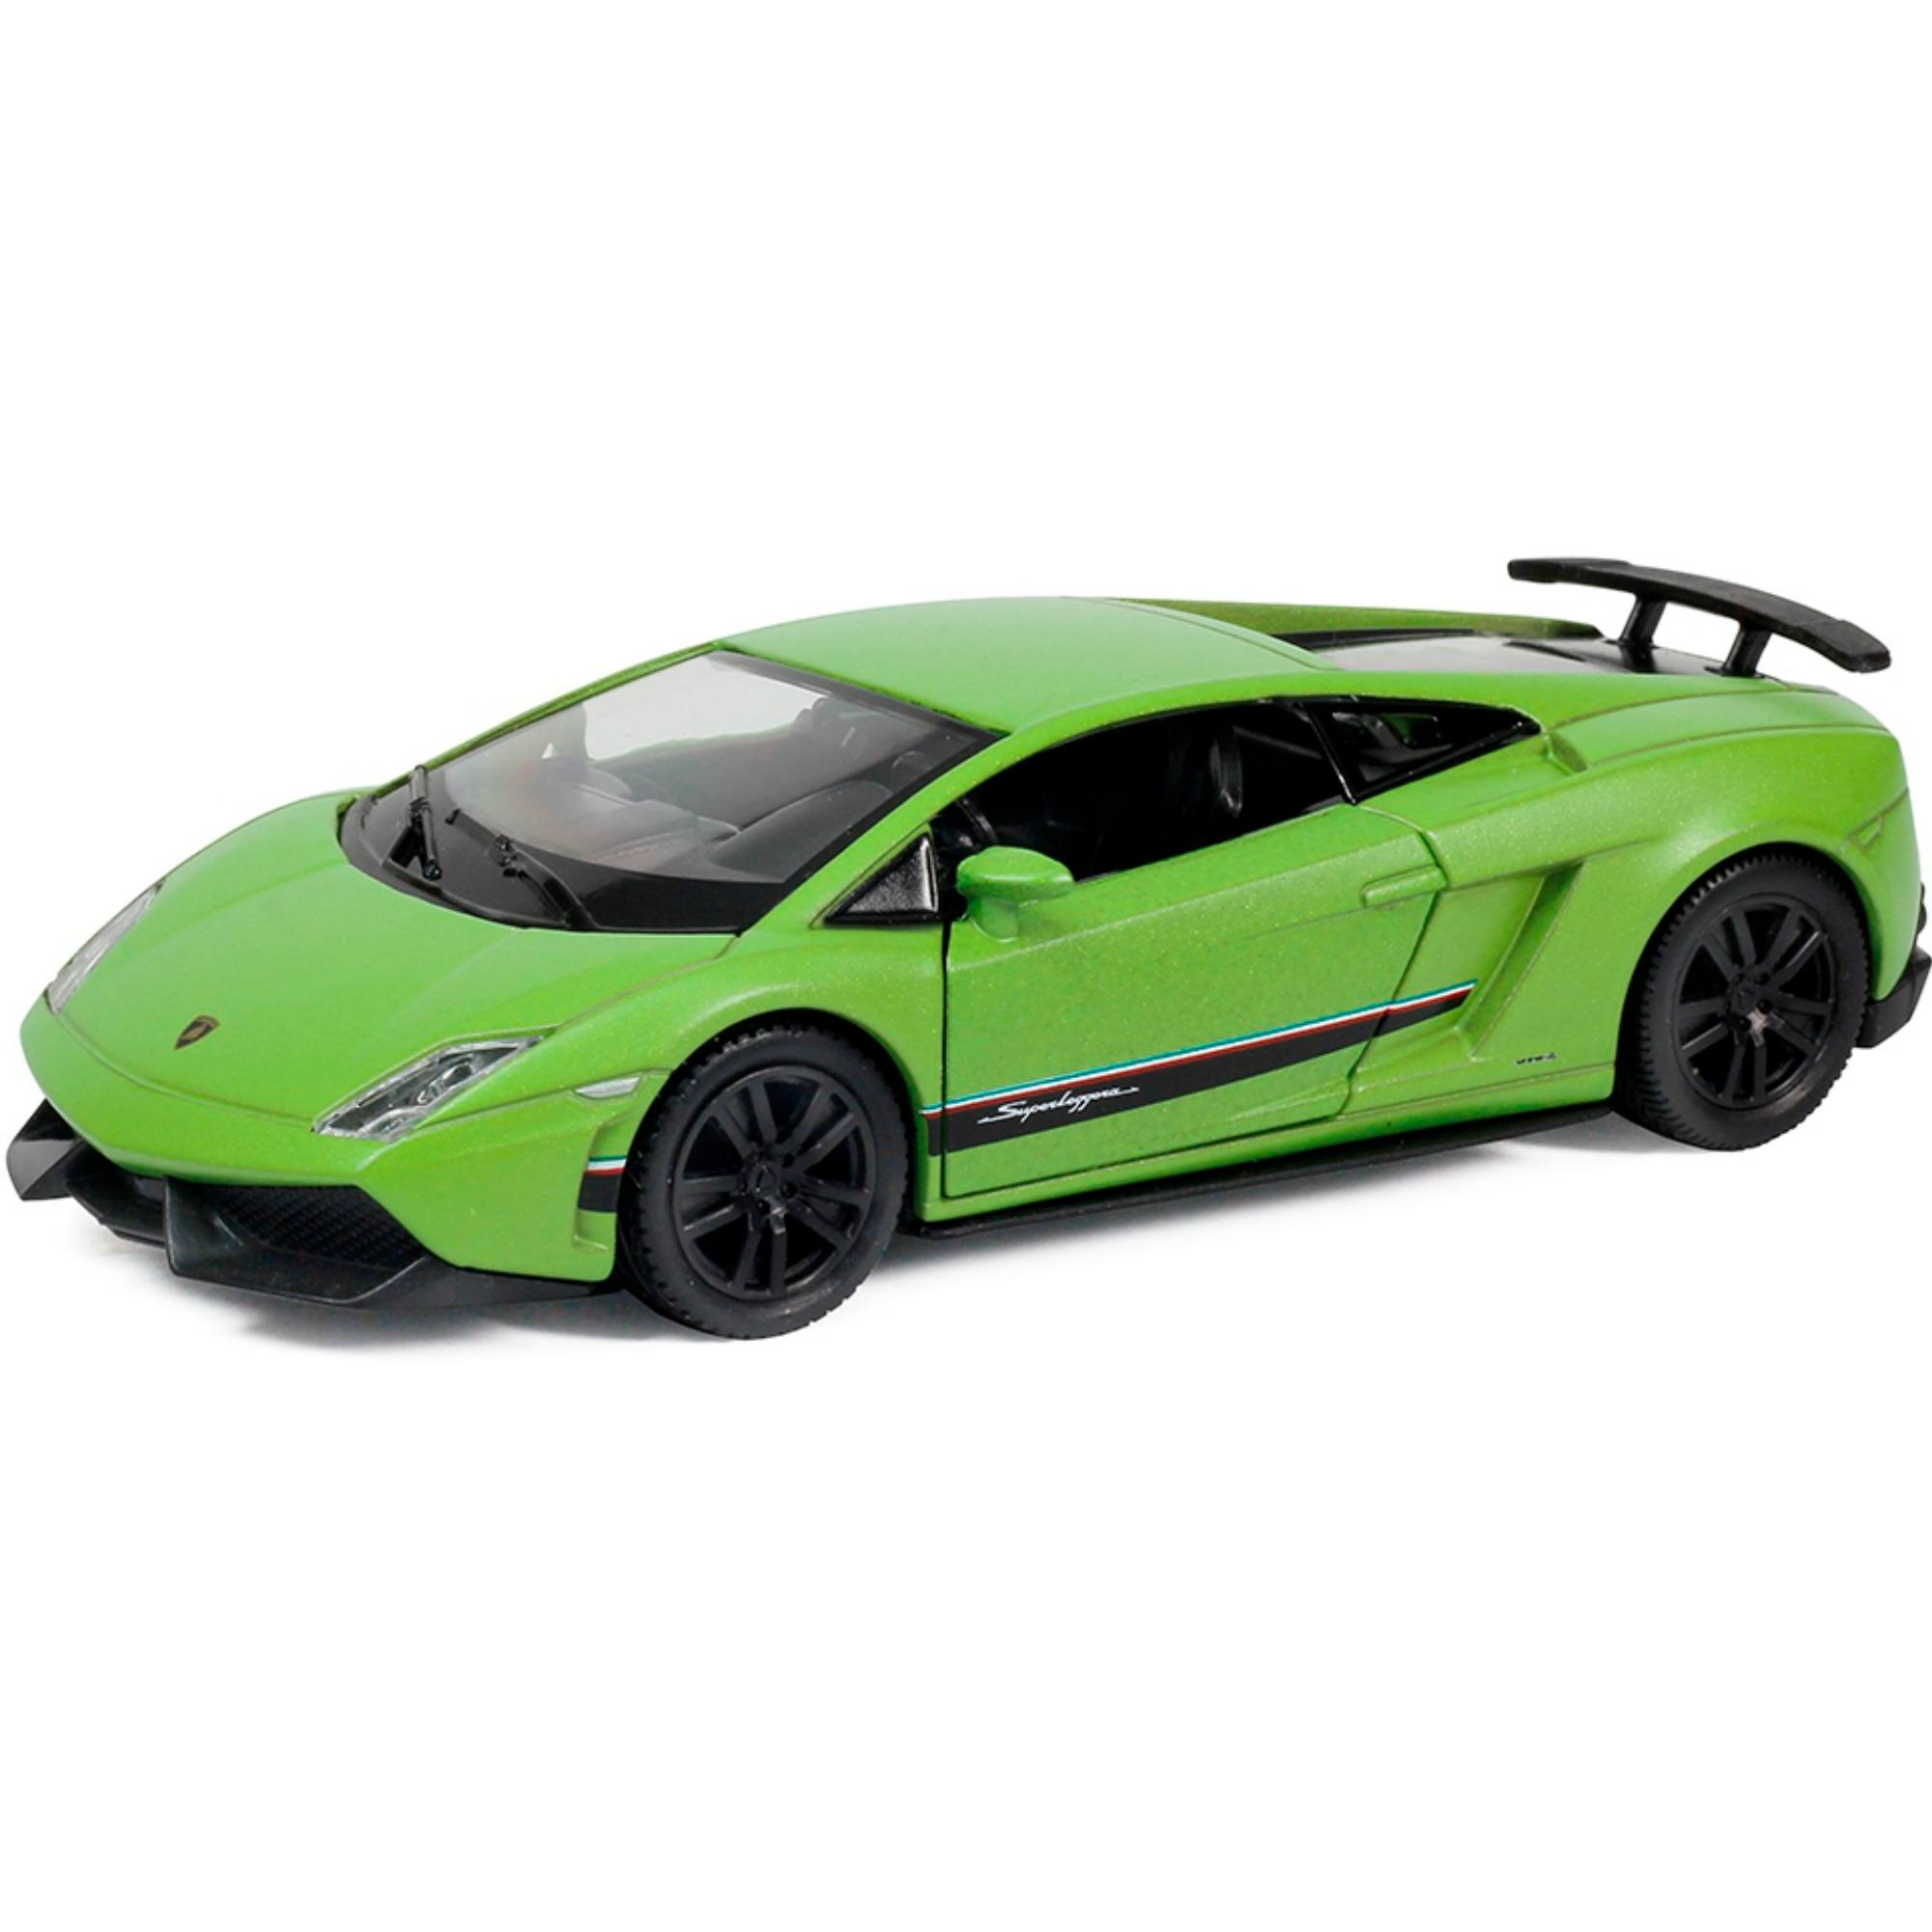 Купить Металлическая инерционная машина RMZ City - Lamborghini Gallardo Superleggera, 1:32, зеленый матовый